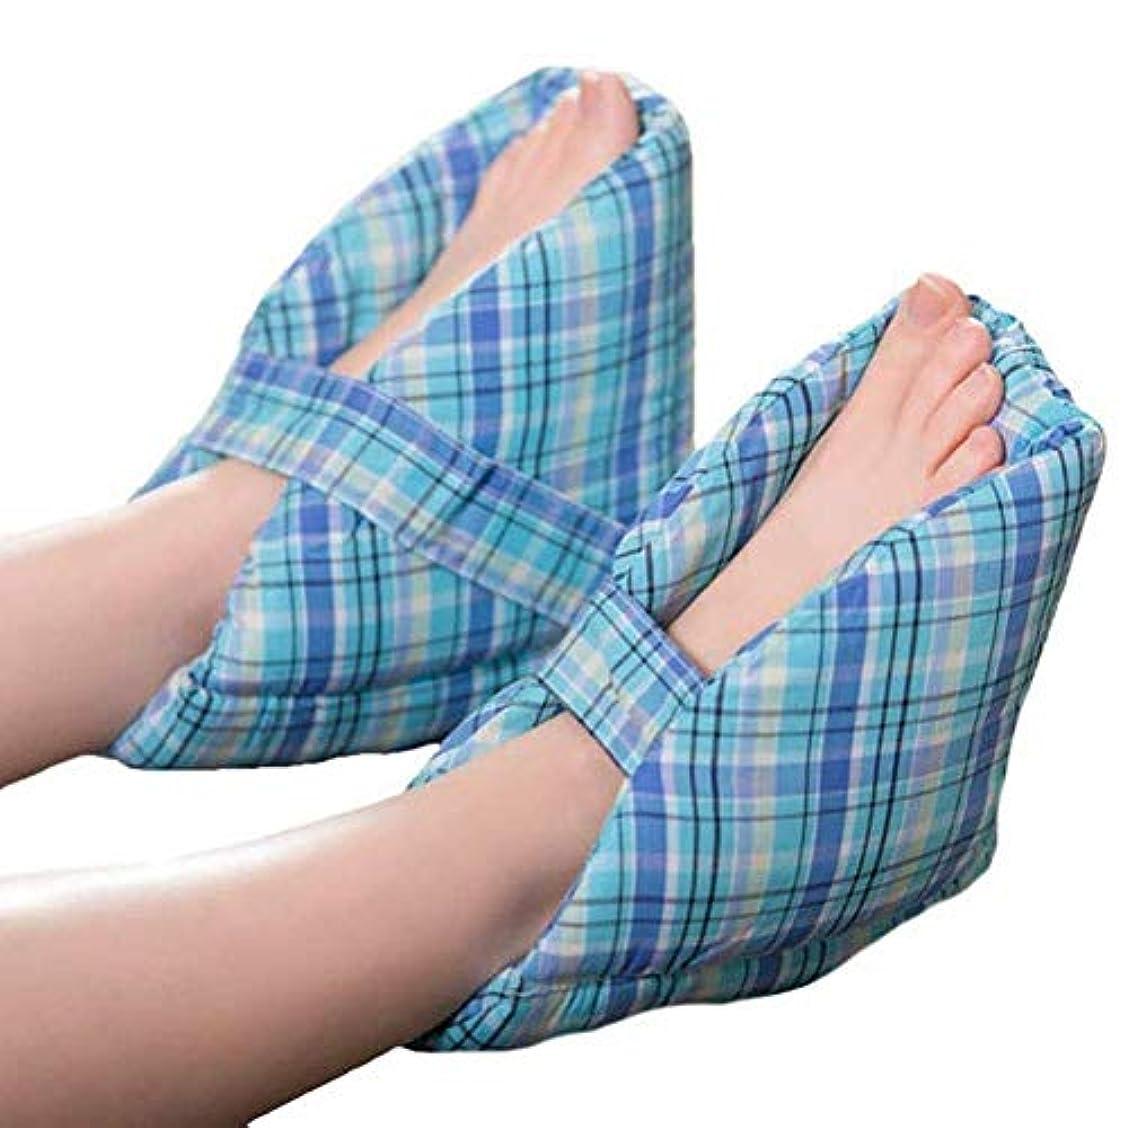 甲虫消化統治可能かかとプロテクター柔らかく快適な履き心地により、足の枕、かかとのクッション、かかとの保護、1ペアが見つかります